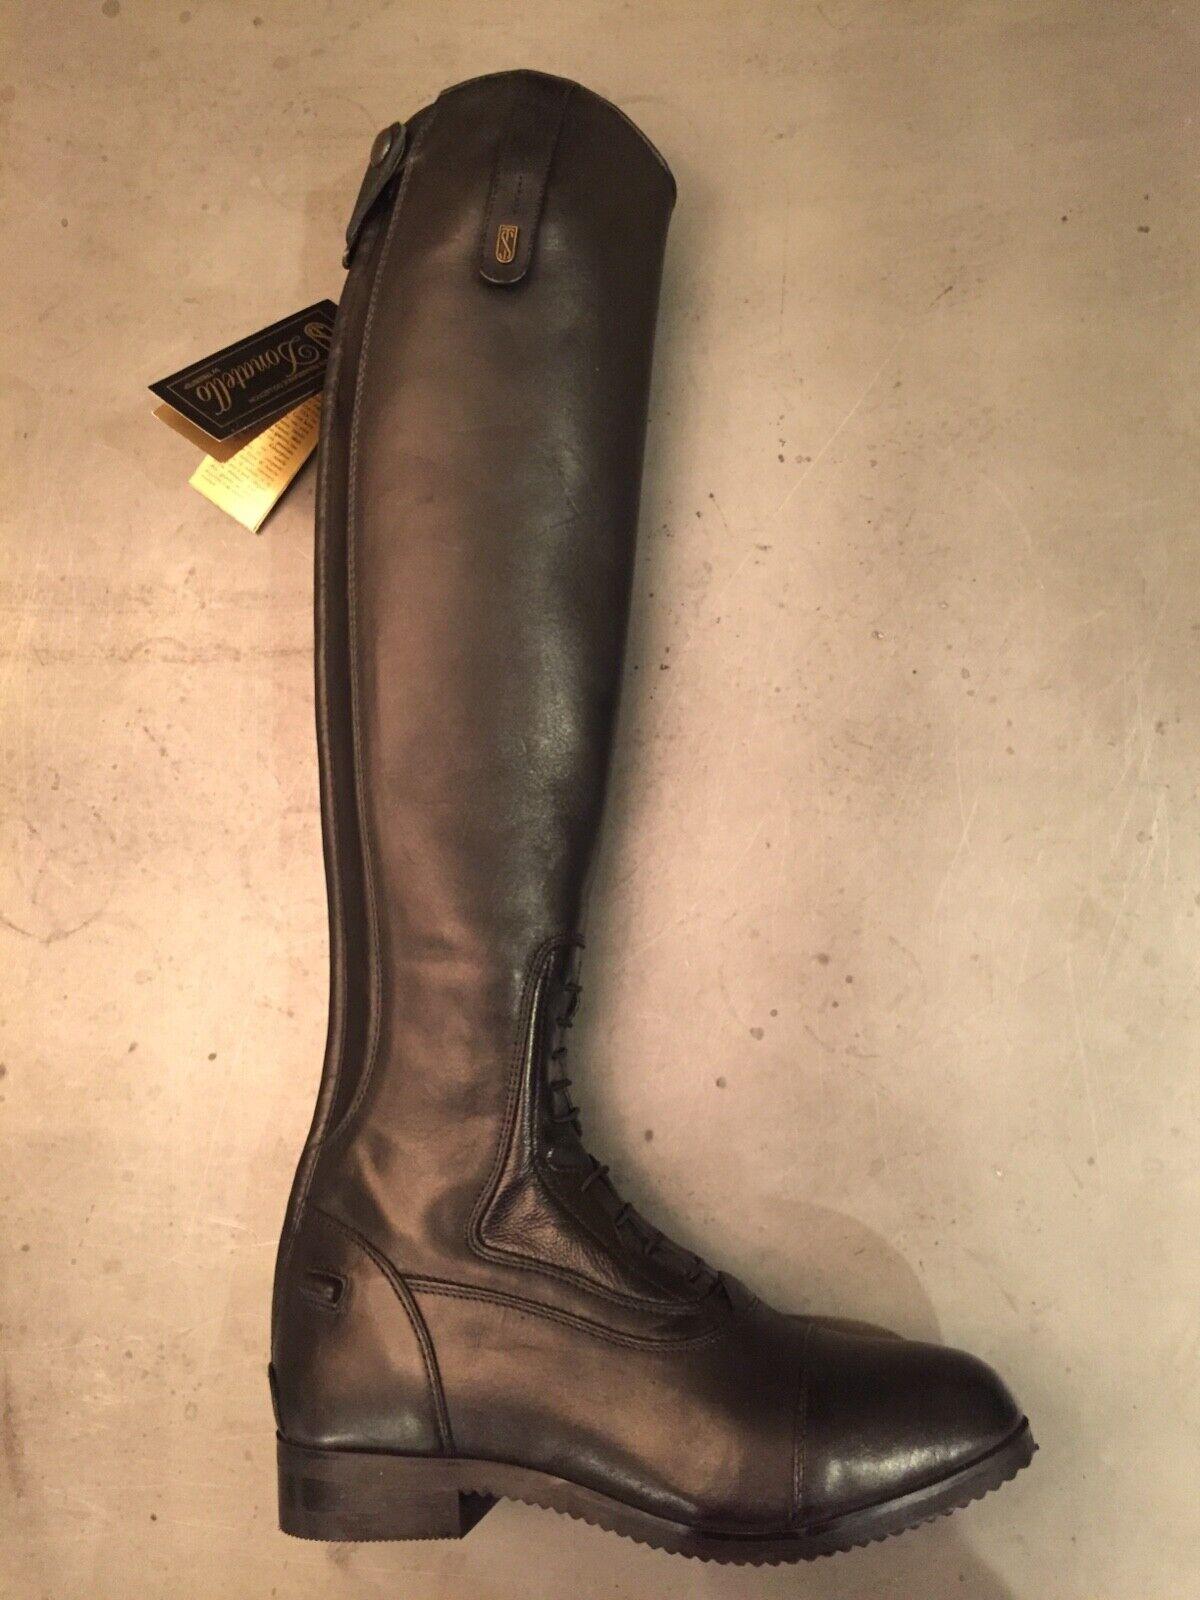 Nuevas botas De Campo Trojostep Donatello Negro Sz 9, becerro Delgado 13.75 , alto HT 19.5